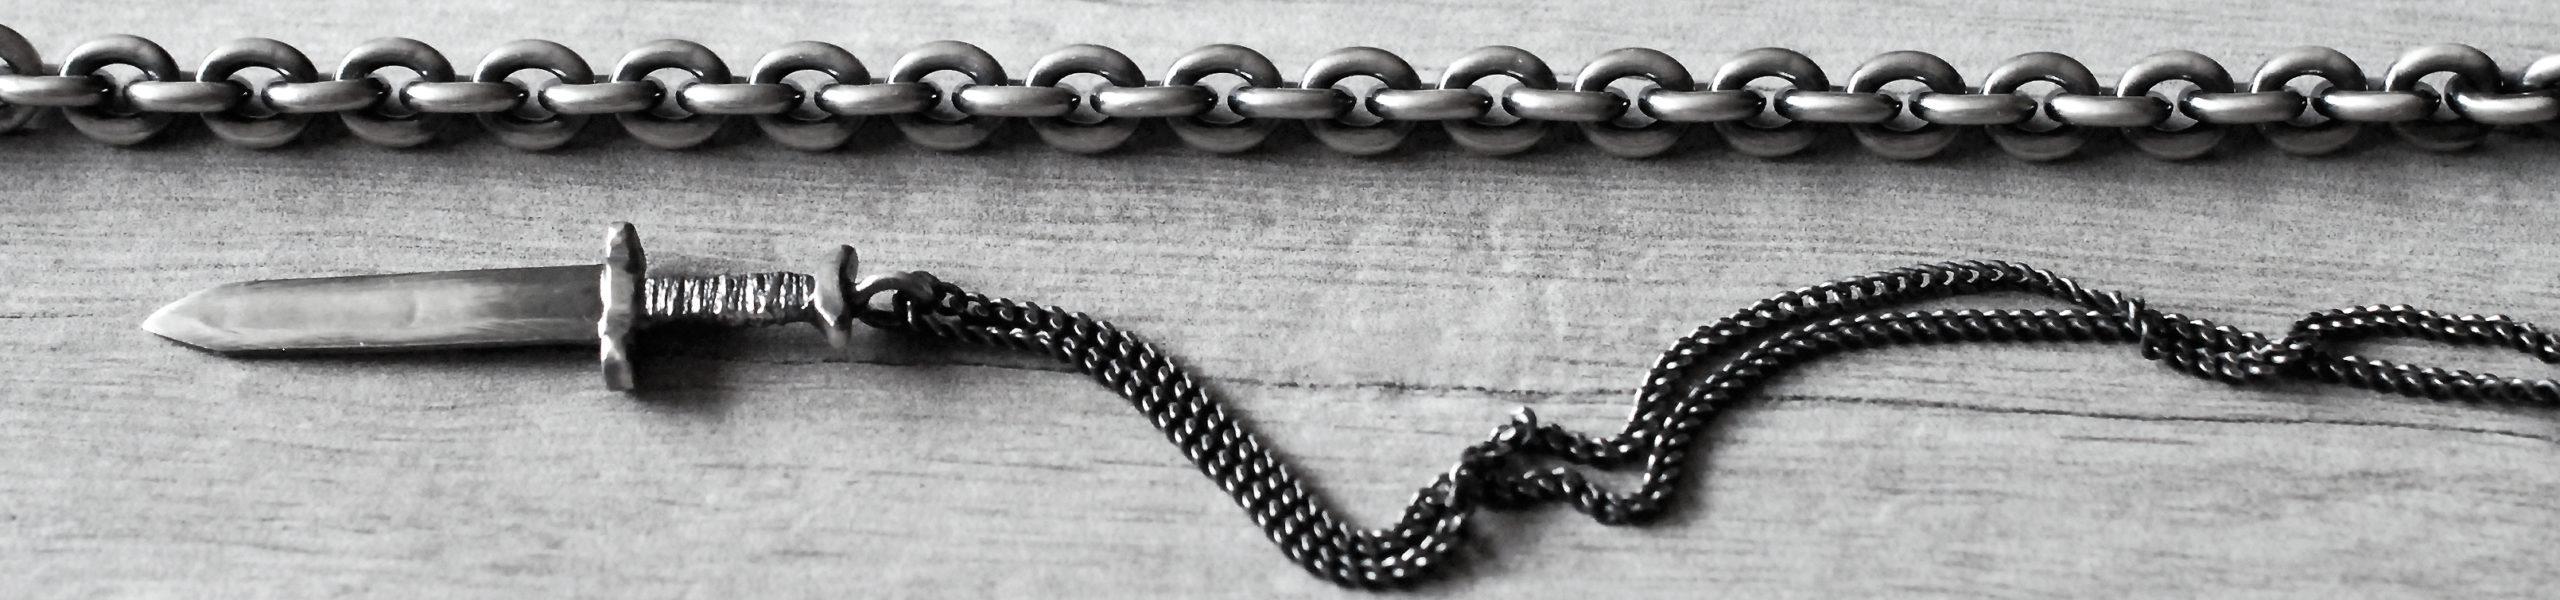 heavy man bracelet silver